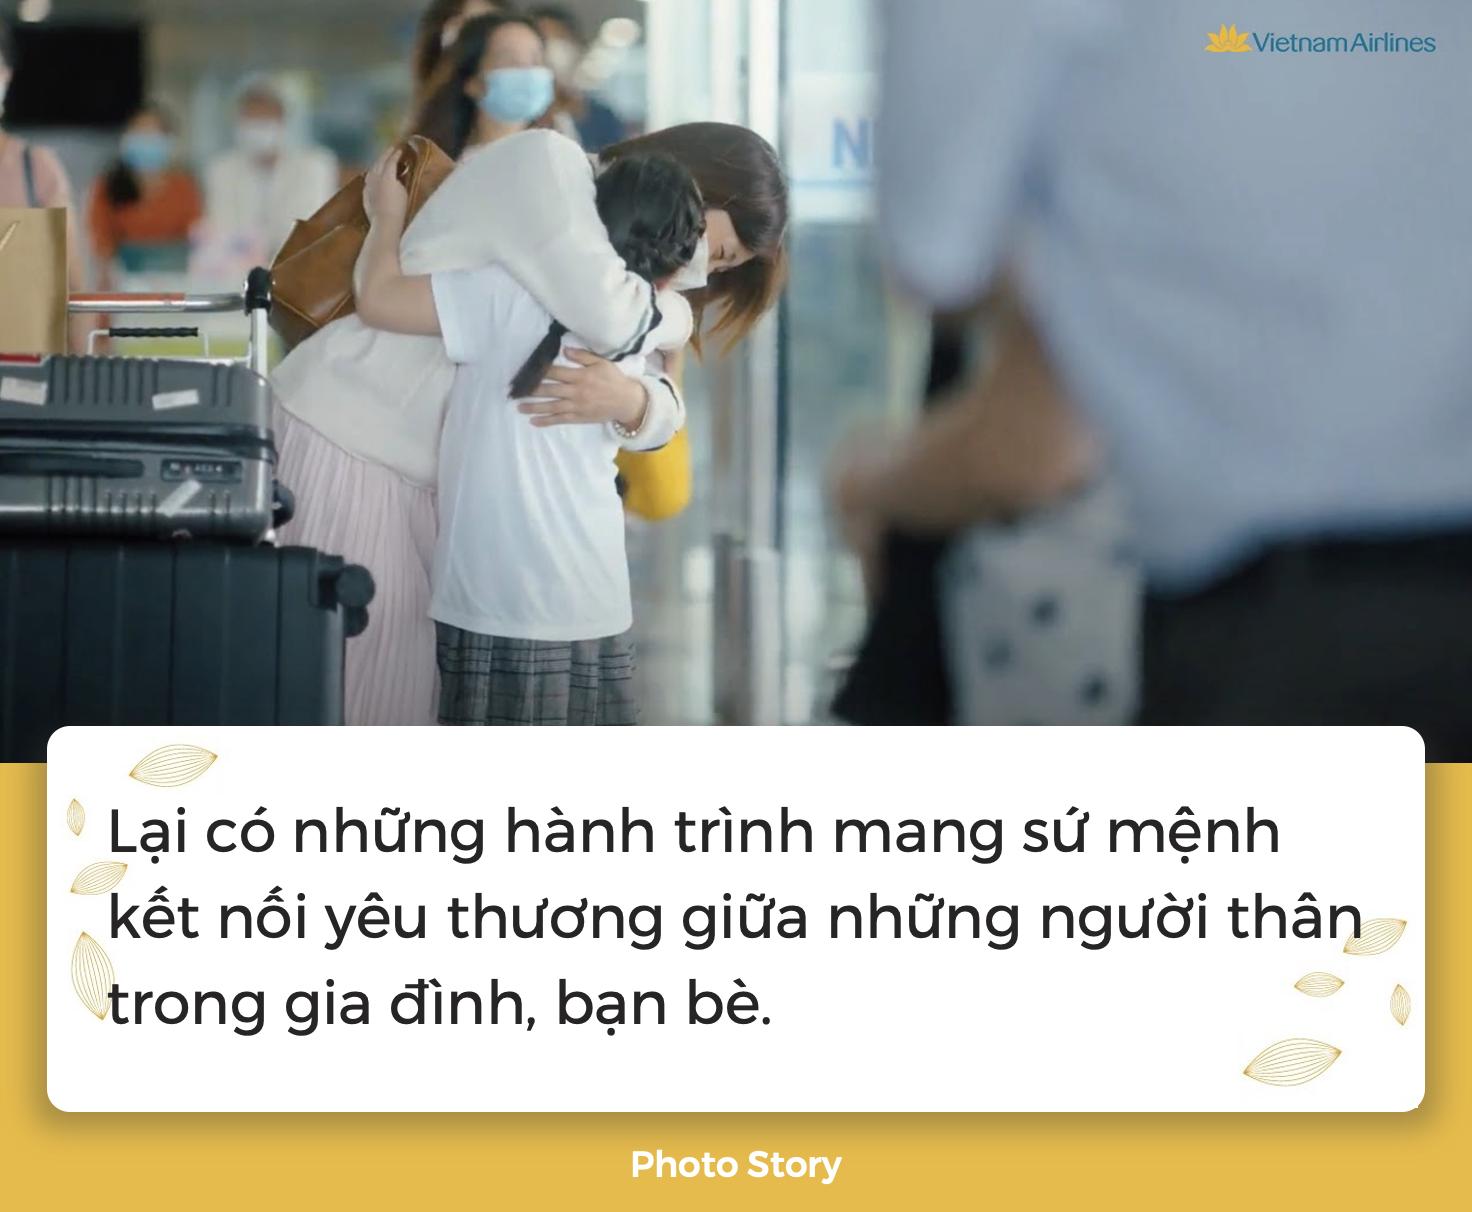 """Cùng Vietnam Airlines lan tỏa thông điệp """"Vì sao chúng ta bay?"""", sẵn sàng mang niềm hy vọng đặt vào mùa xuân mới - Ảnh 3."""